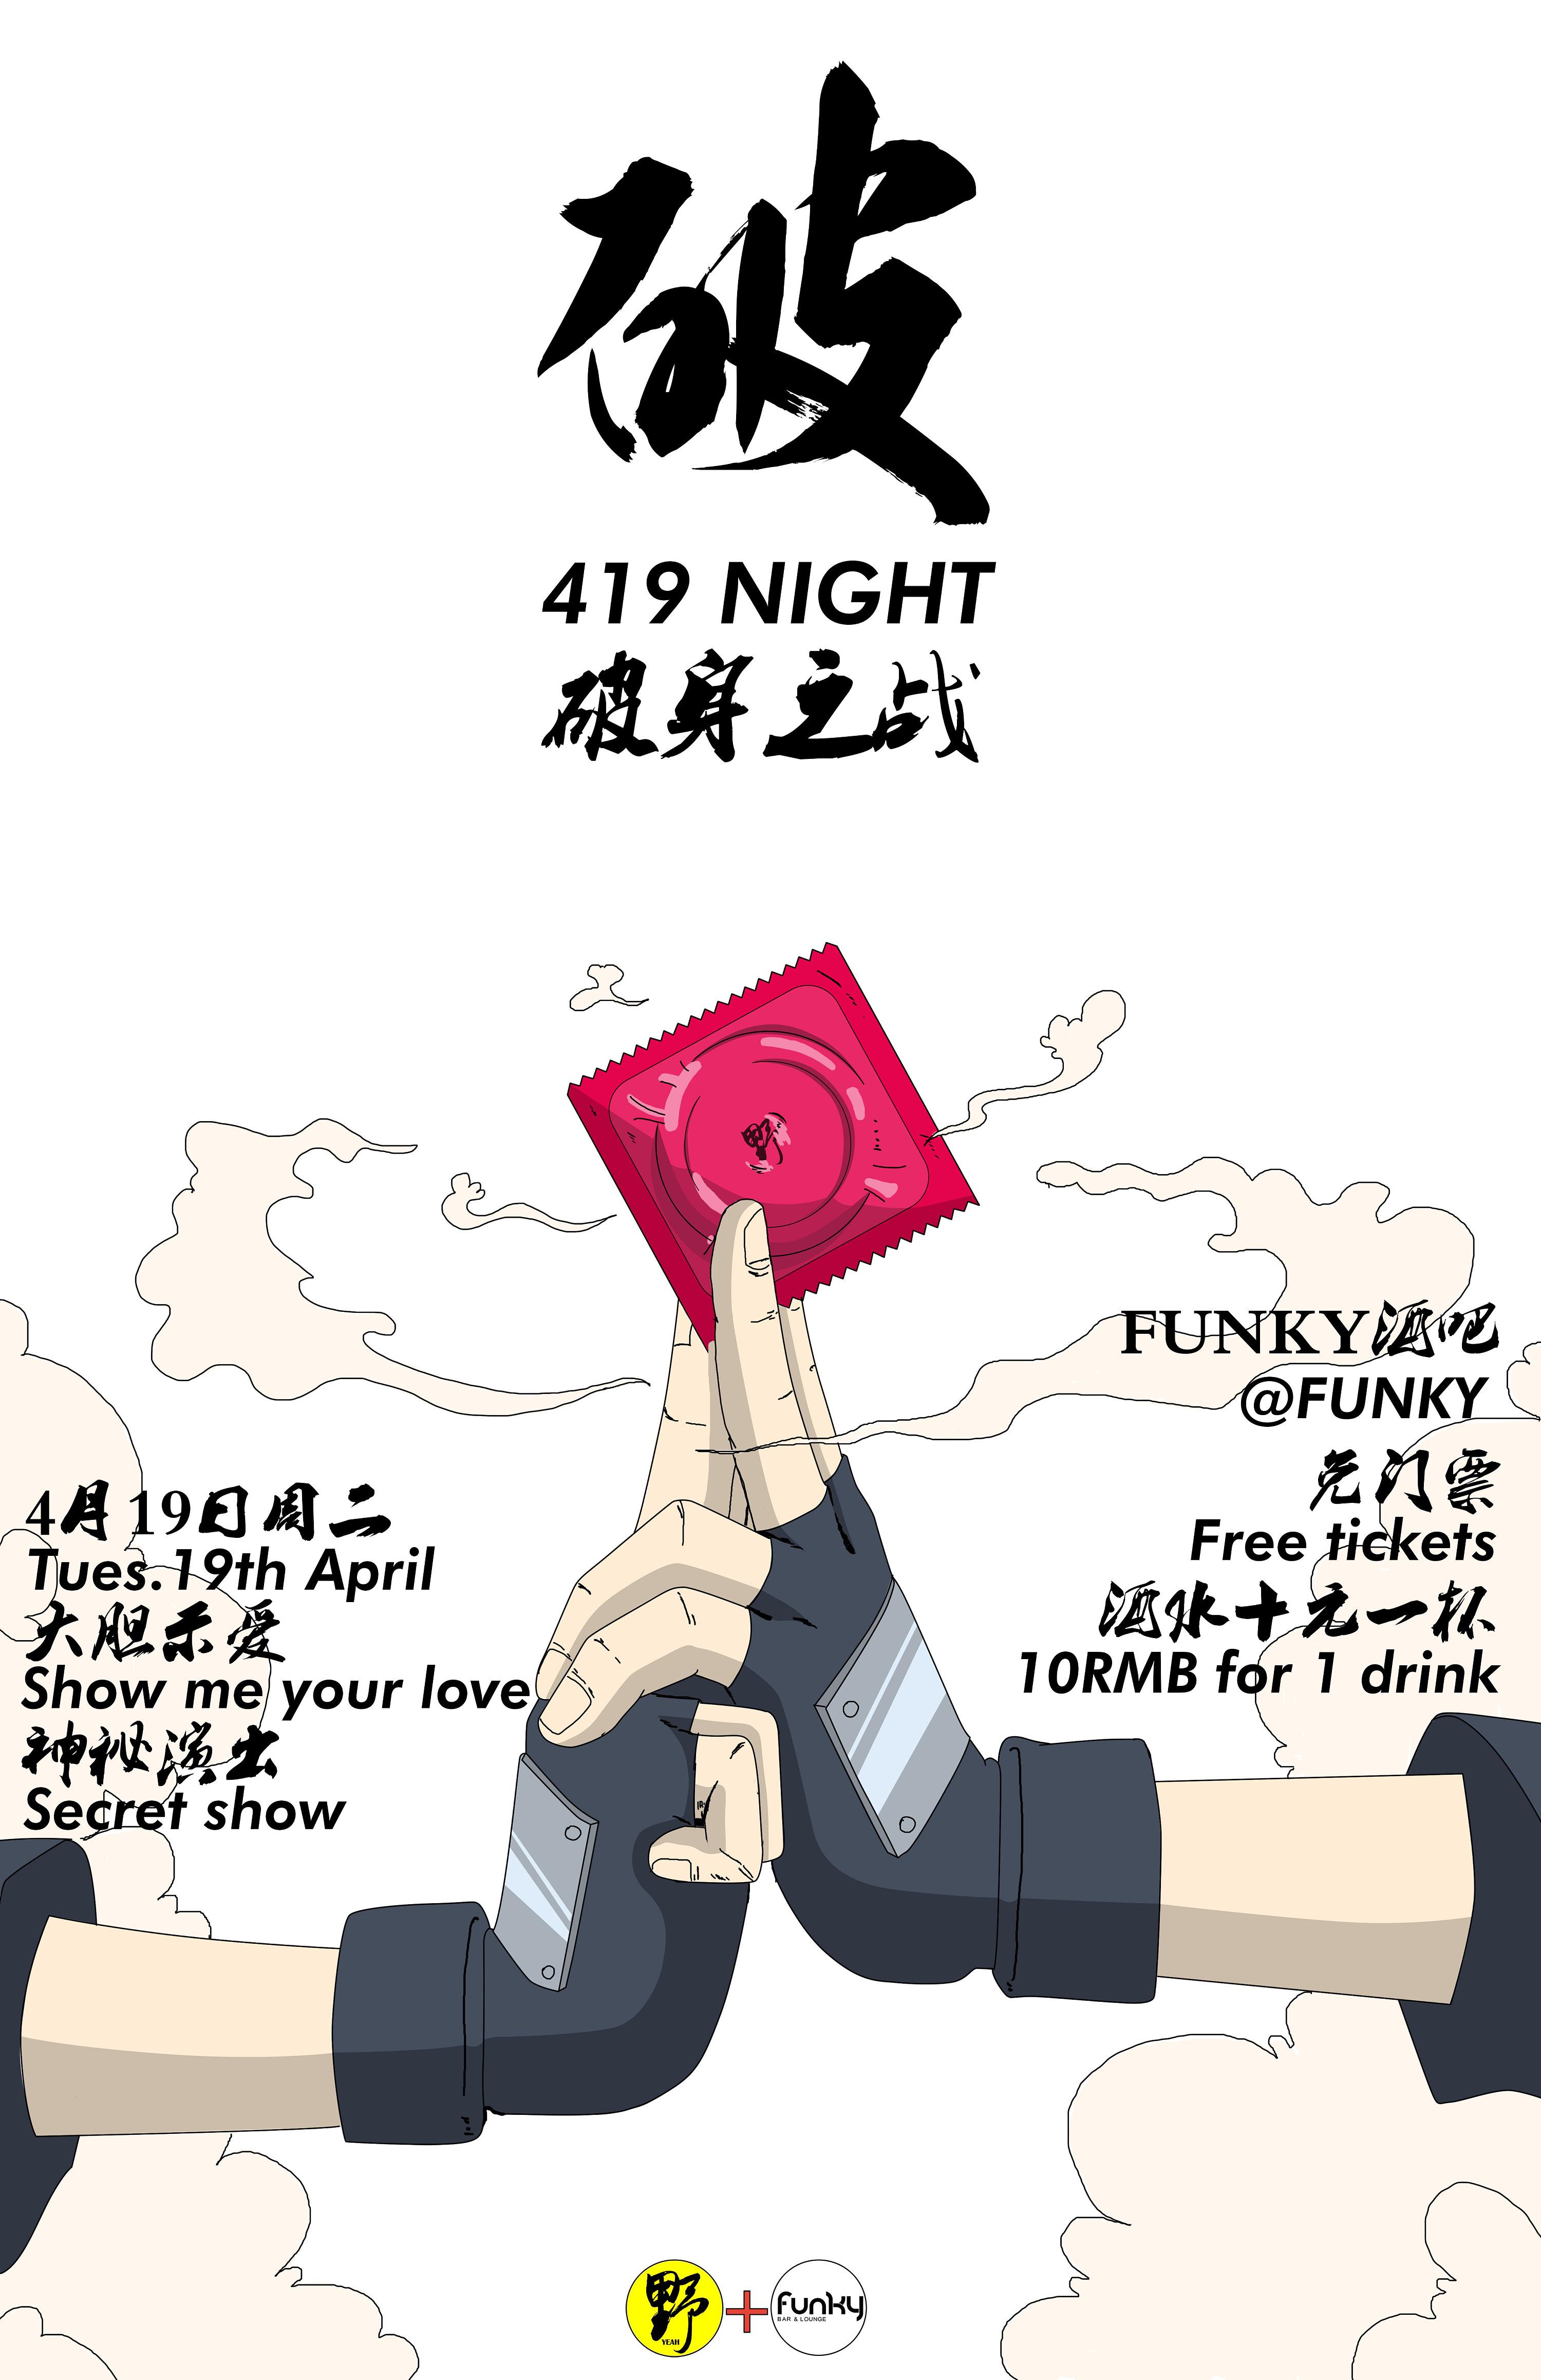 逼情色家园_野派对酒吧party人物情色趣味独立摇滚电子插画海报